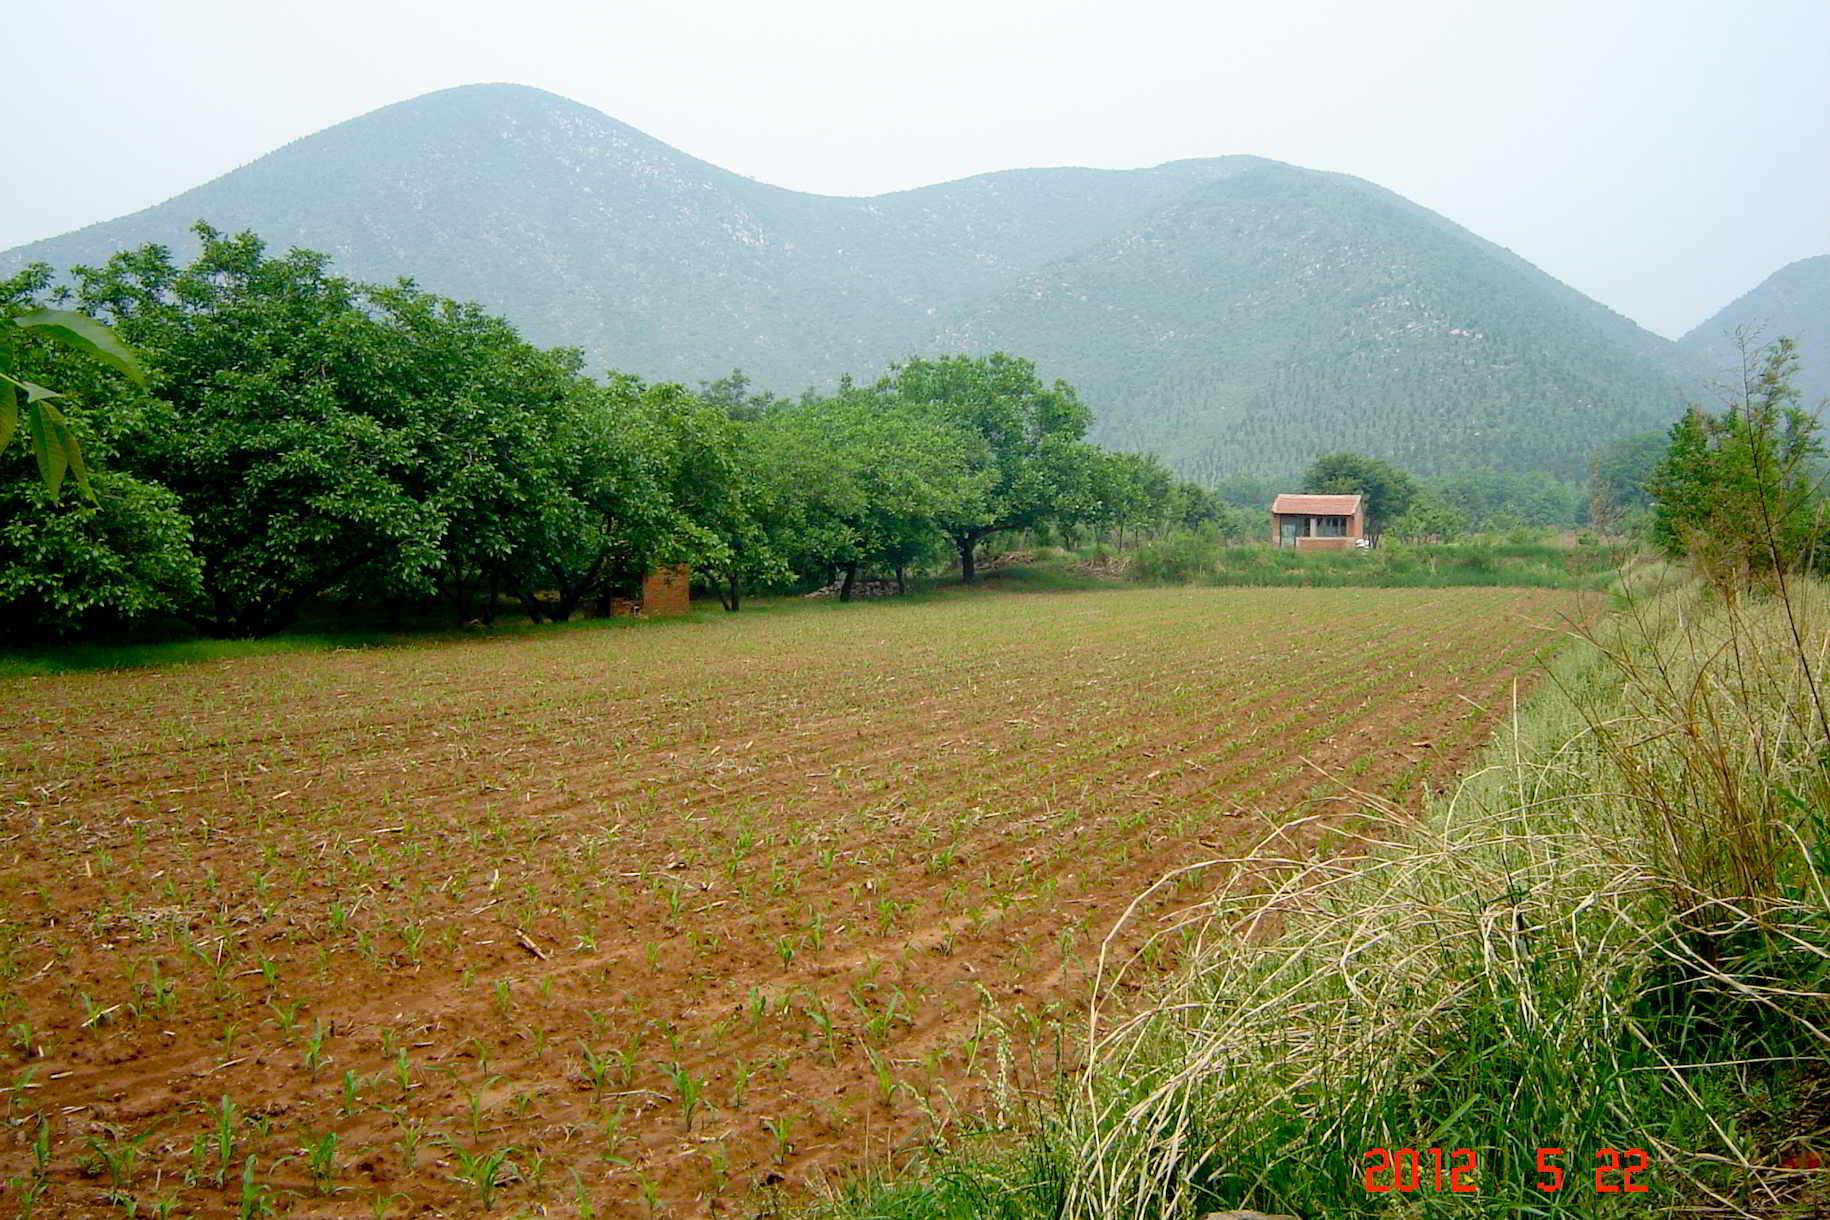 Heather's Beijing Farm Pic-1